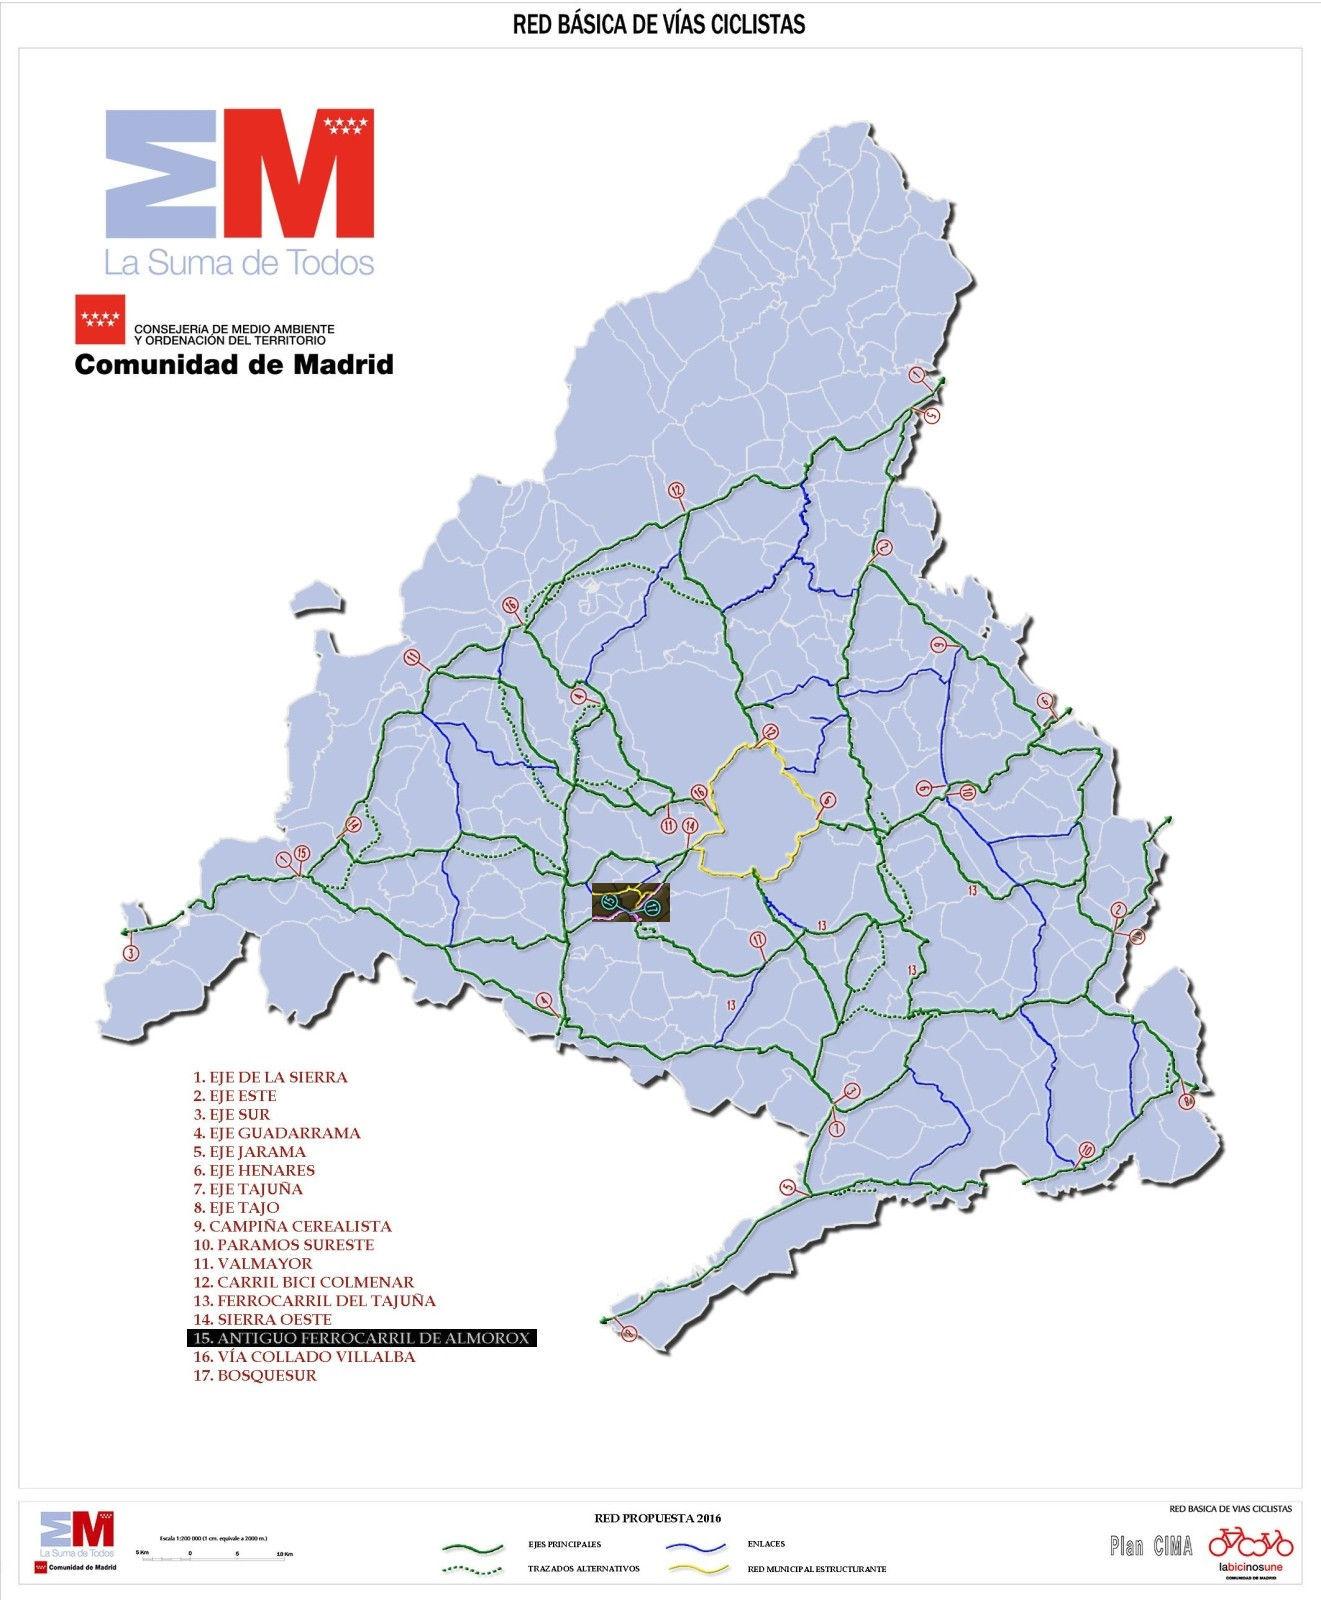 Mapa del Plan CIMA